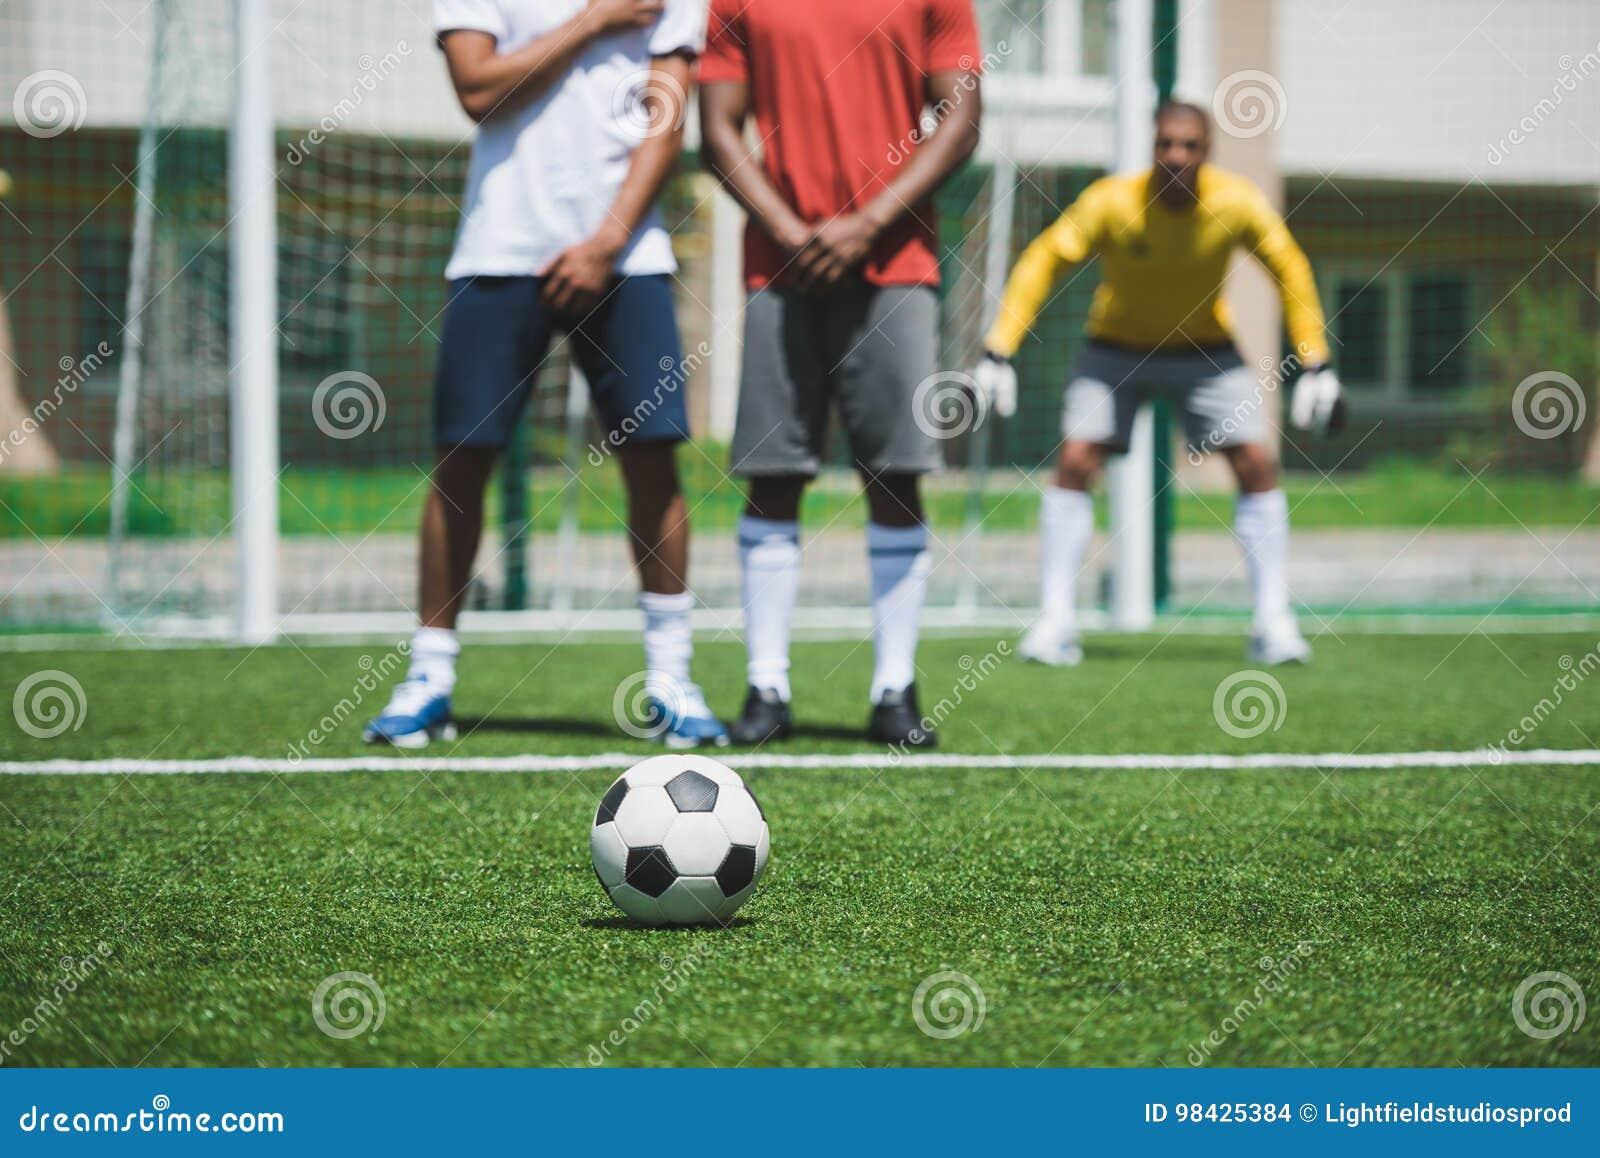 Fotbollspelare under fotbollsmatch på graden, fokus på förgrund